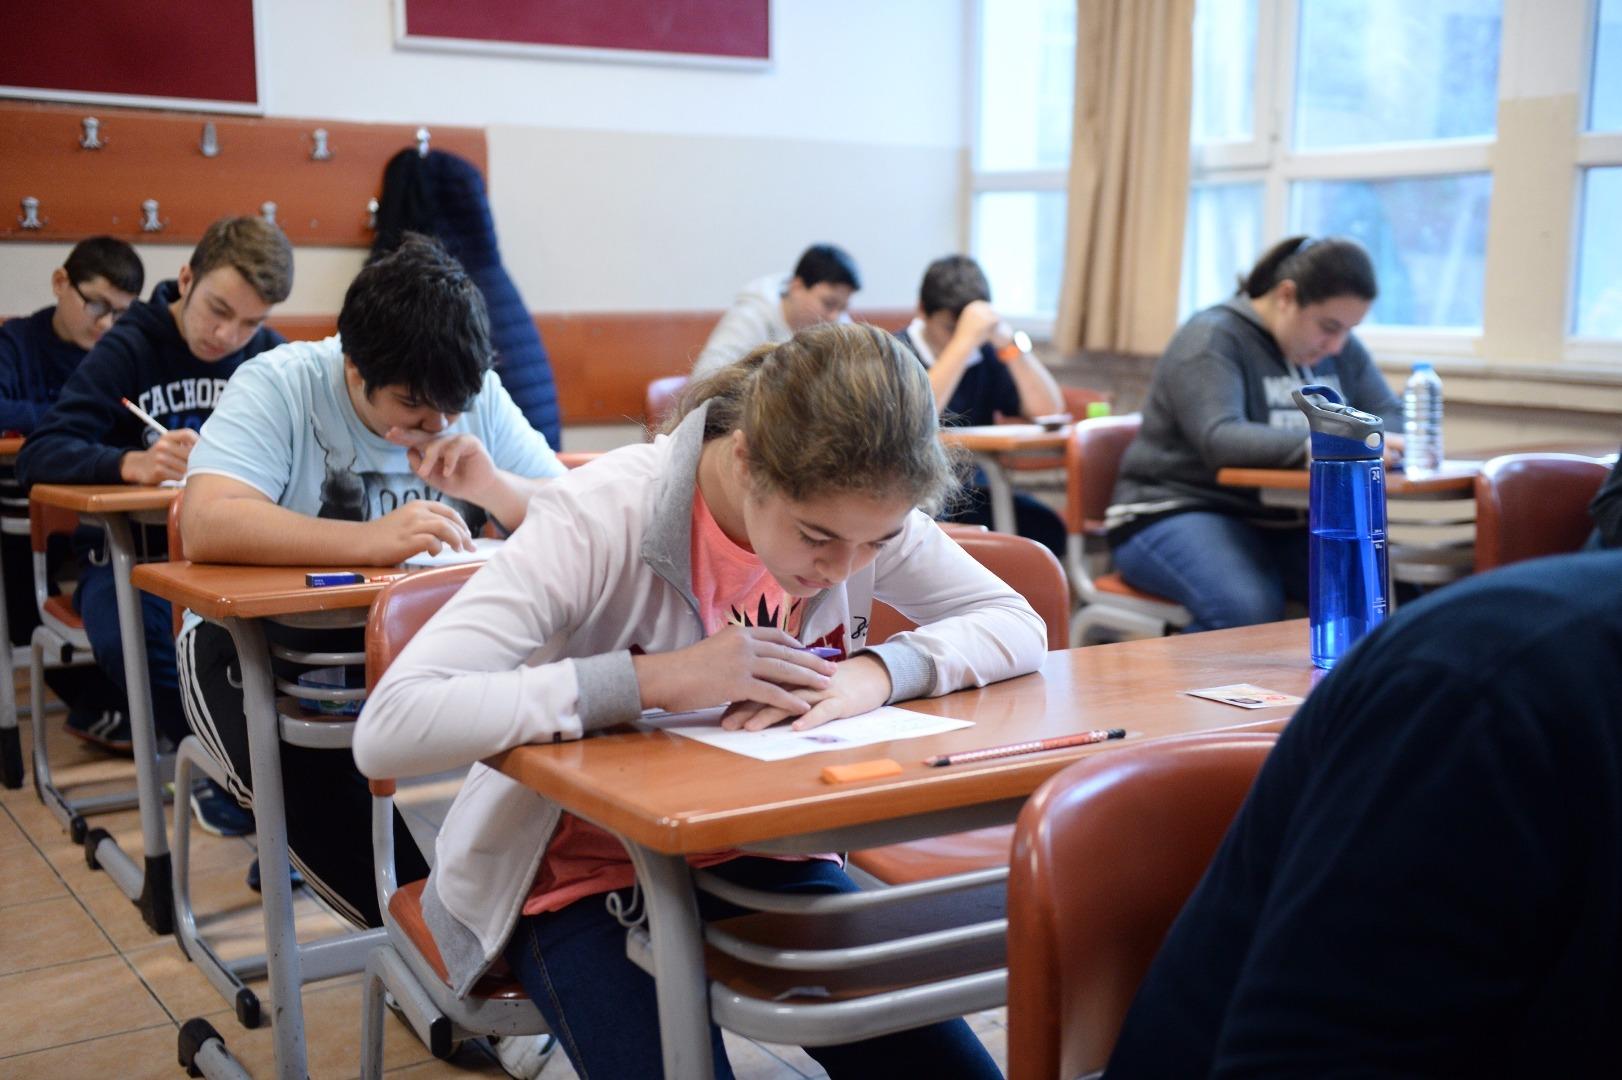 Merkezi Yerleştirme nedir LGS? Merkezi yerleştirme nasıl yapılır? LGS'ye girmeyen öğrenciler nasıl tercih yapacak?